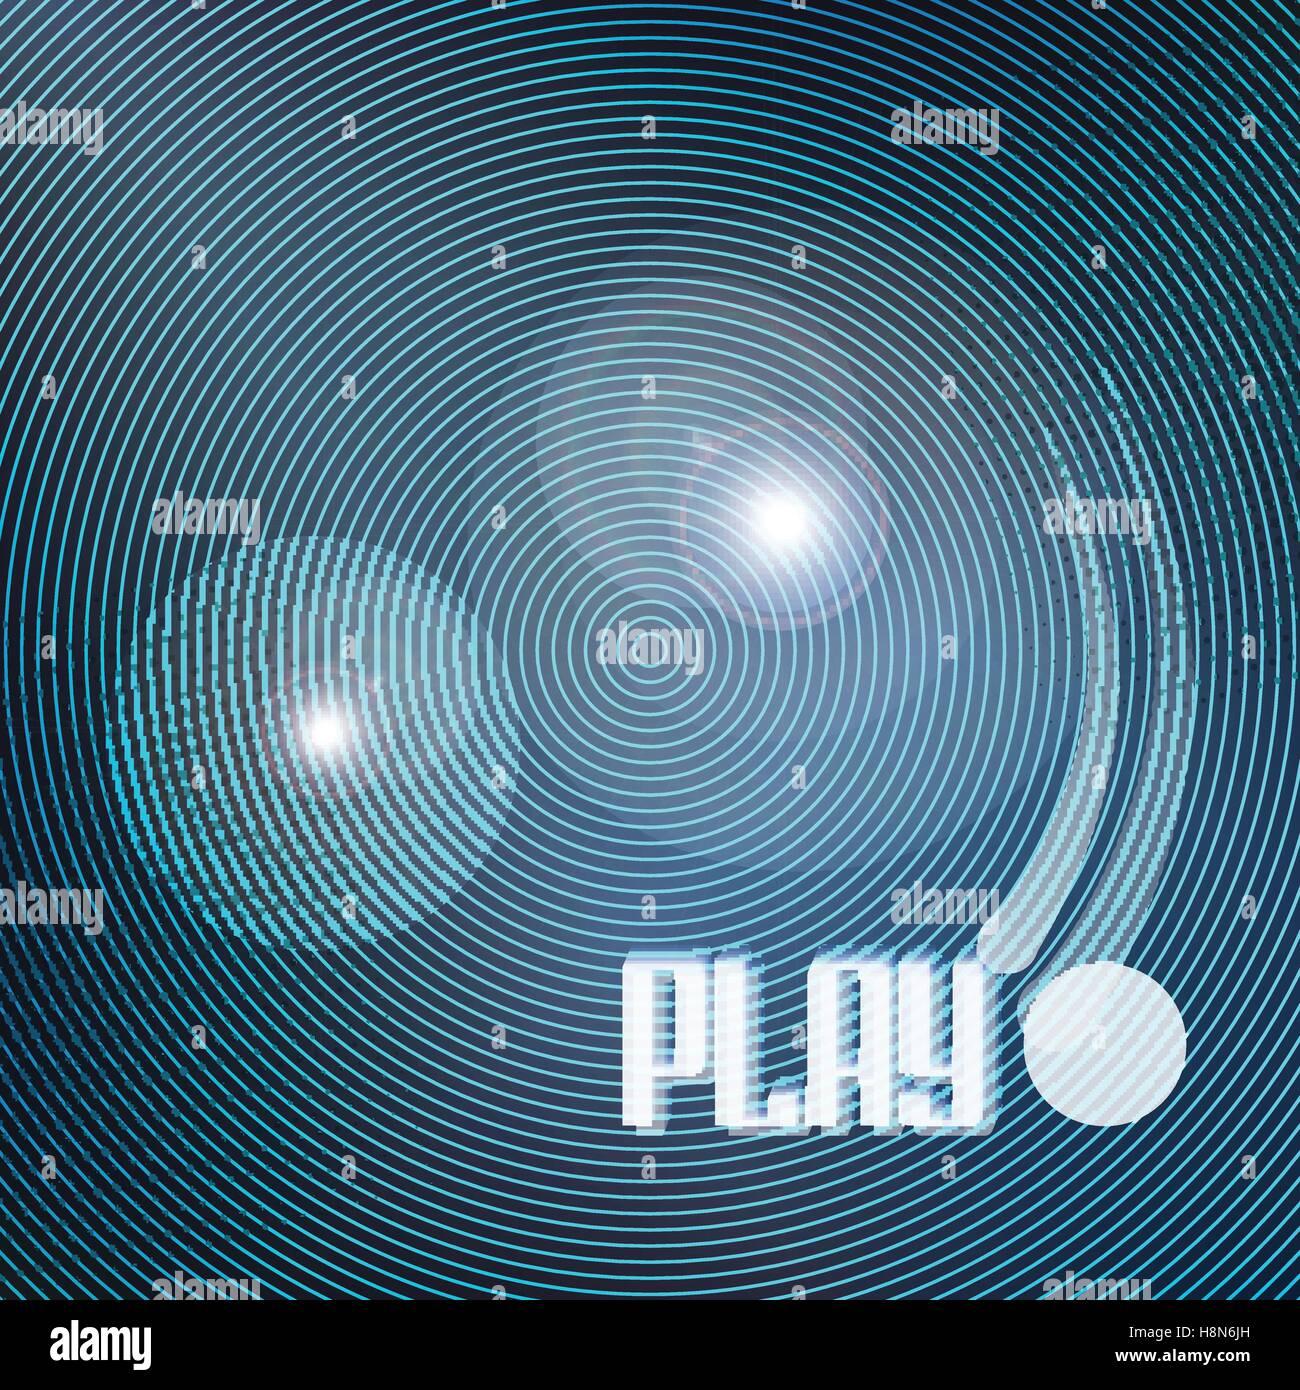 abstrakte blaue Kreise auf schwarzem Hintergrund. Vektor-geometrische, glänzende Tapete-Vorlage. cooles Design-Hintergrund. Stock Vektor